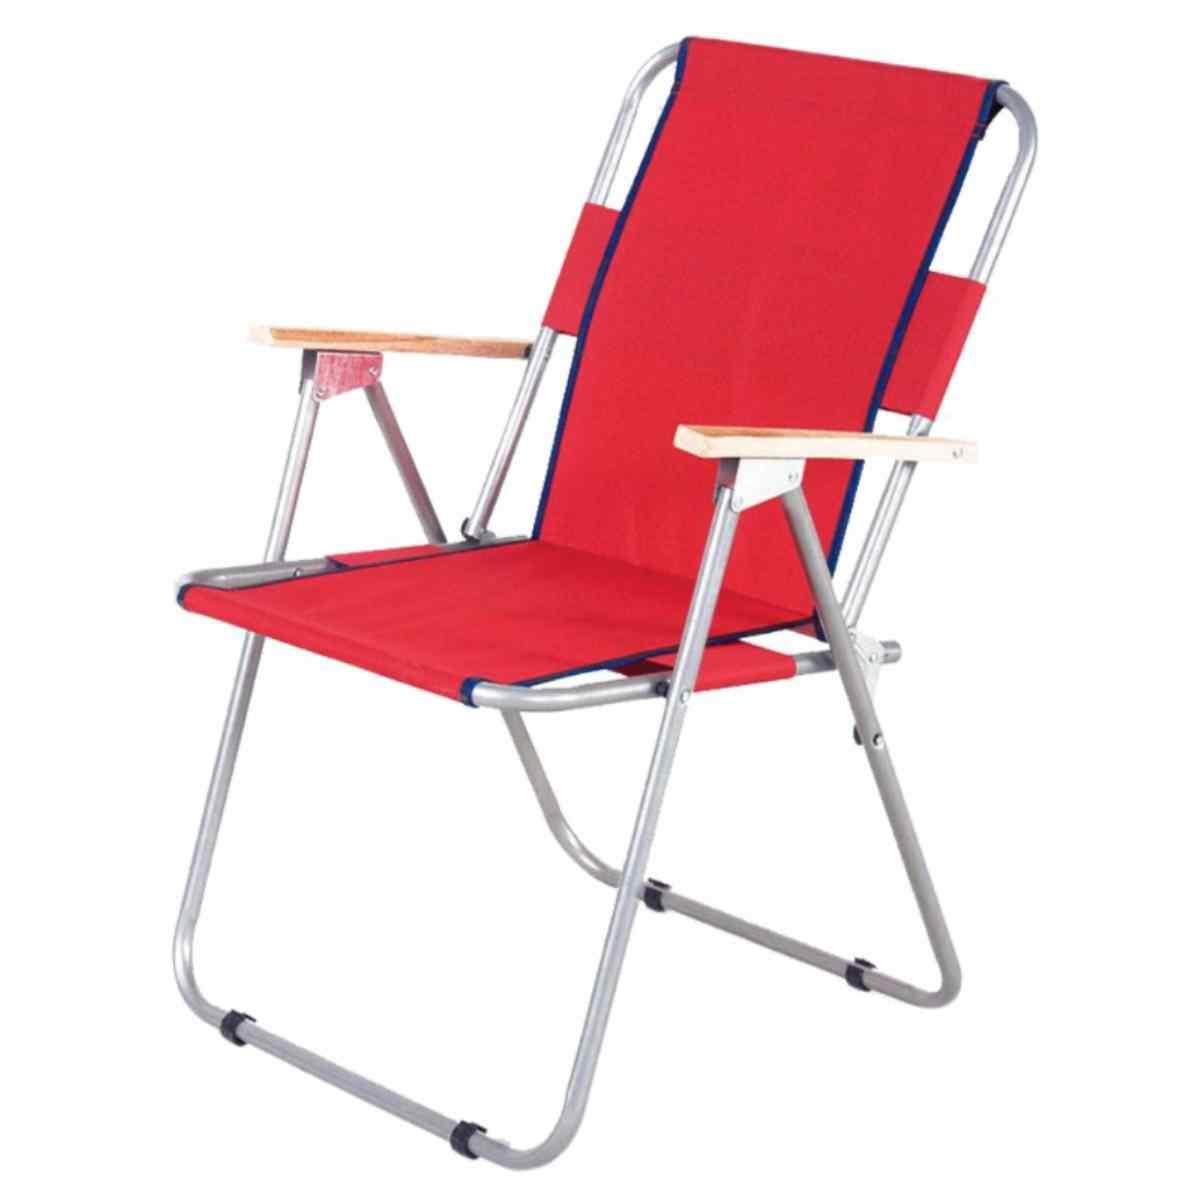 İbiza Ahşap Kollu Sandalye Katlanabilir Piknik Sandalyesi Kırmızı